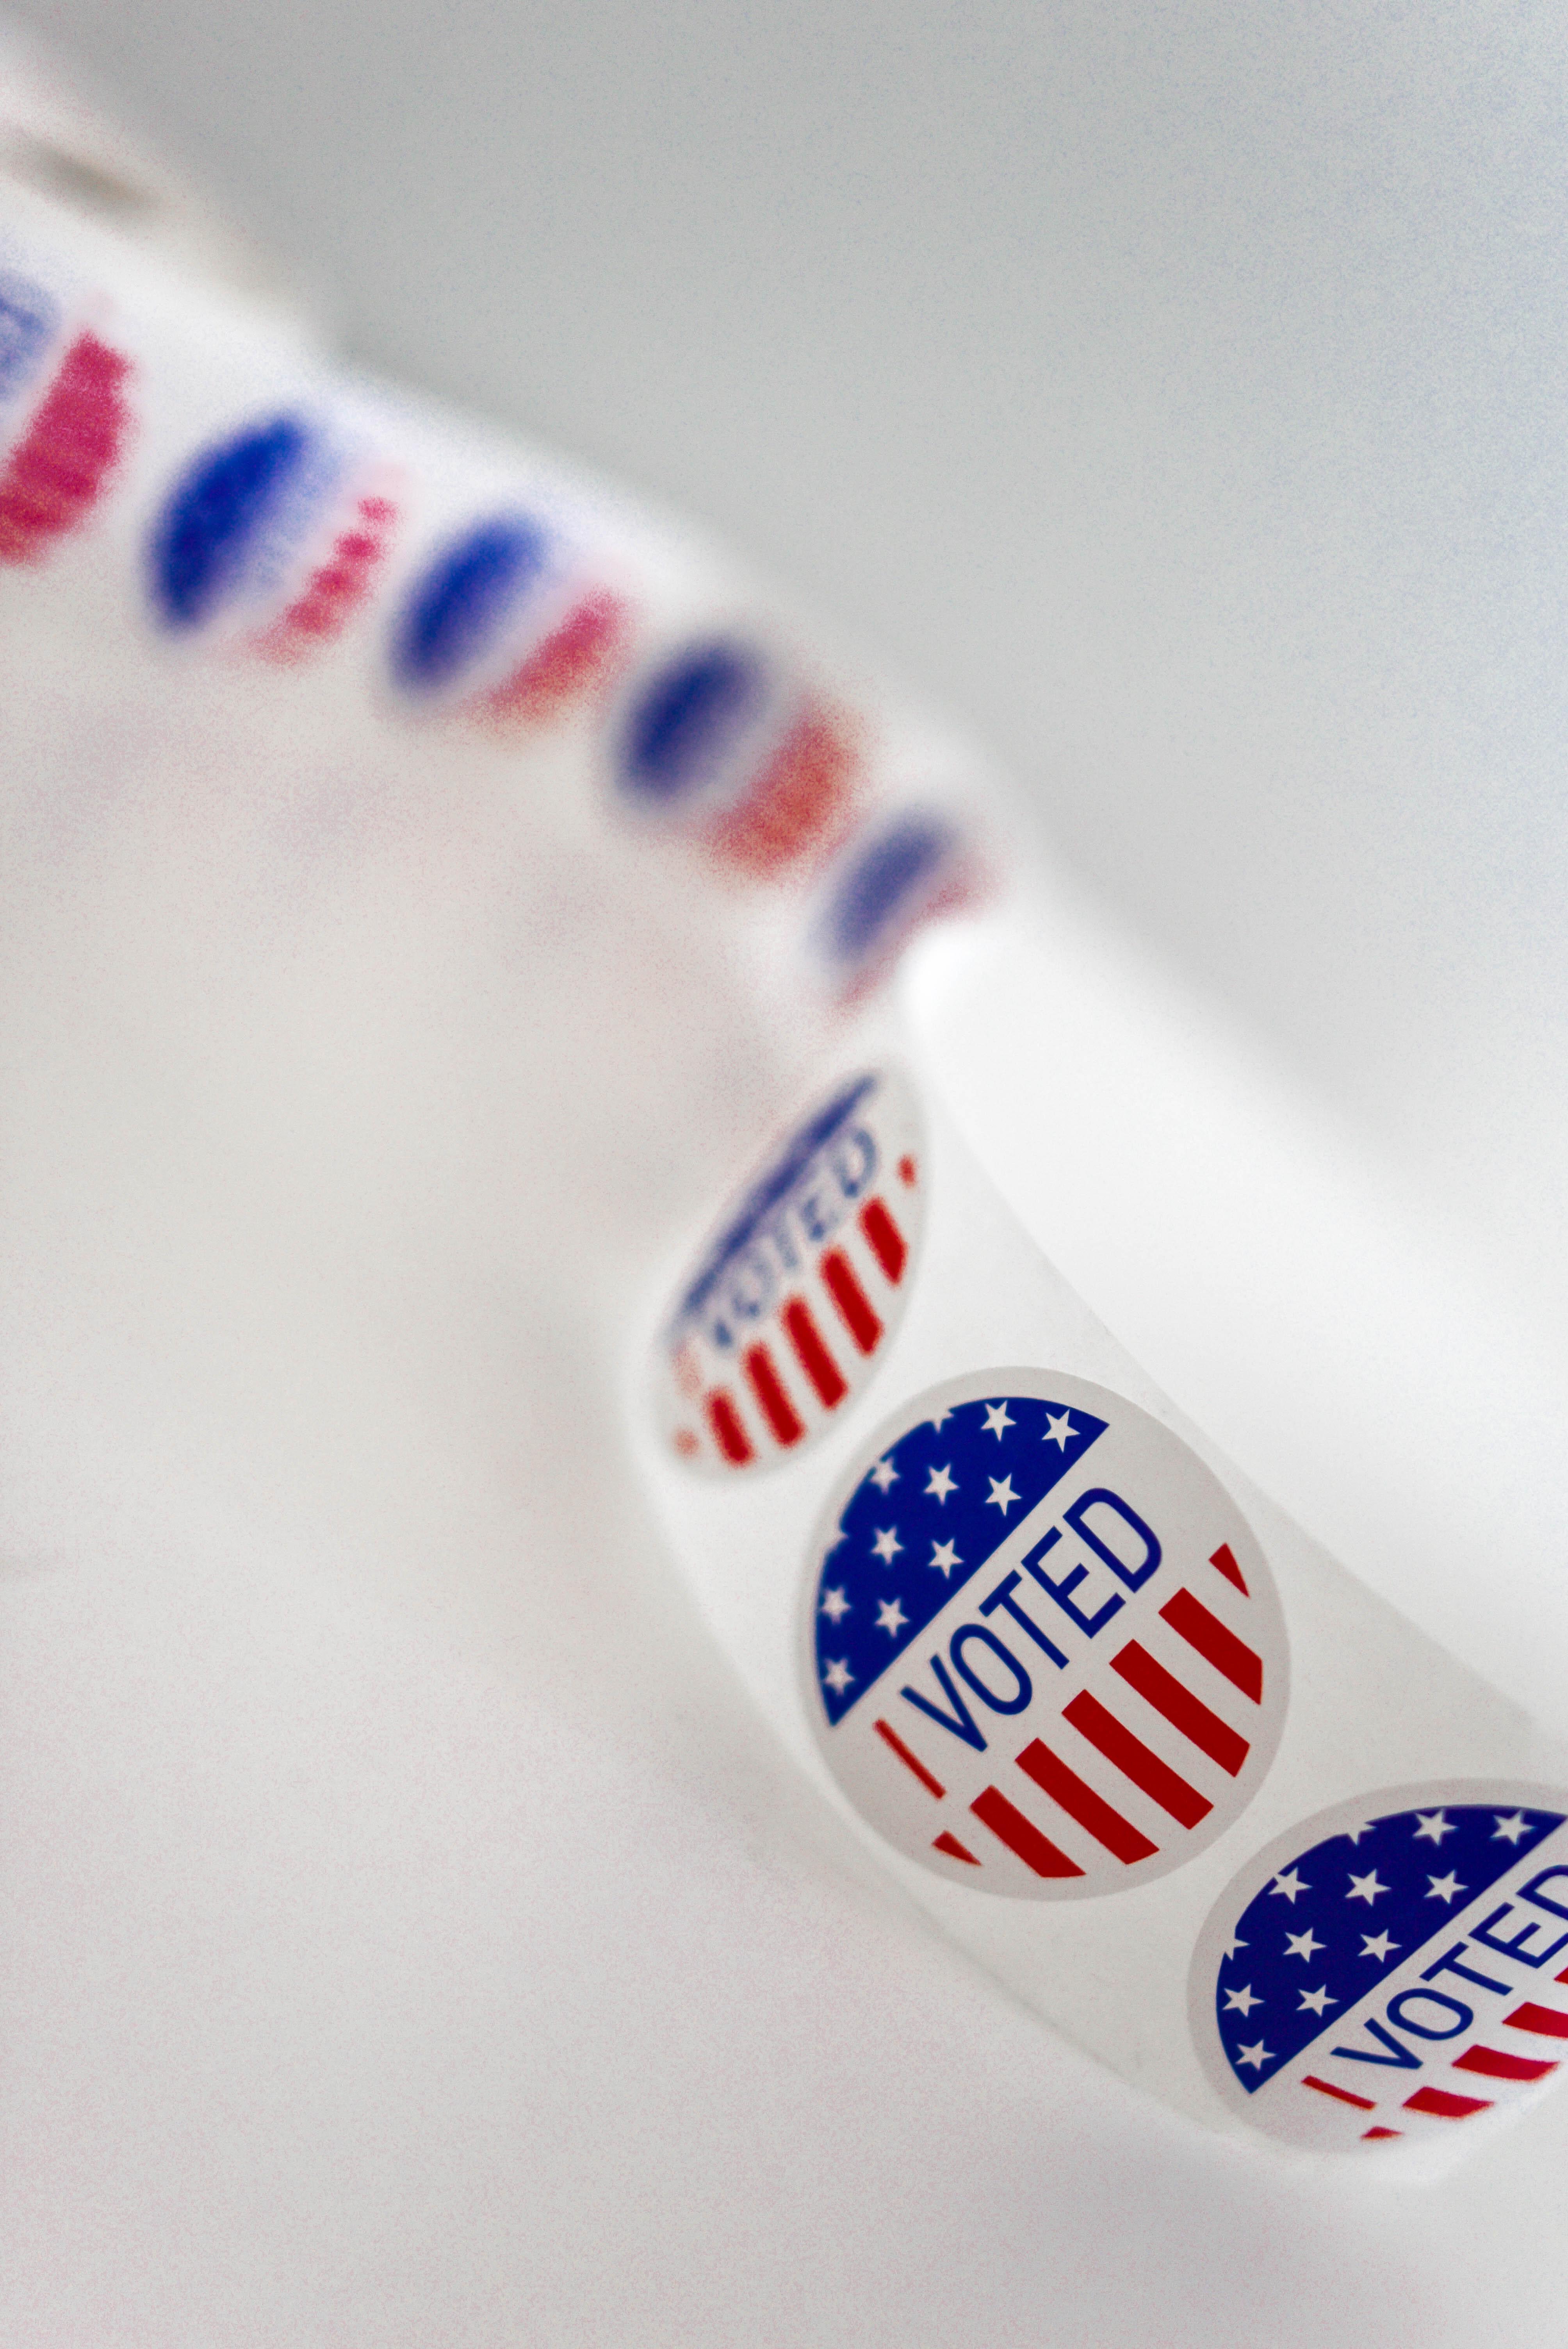 Analytická zpráva společnosti Profitlevel k tématu amerických voleb